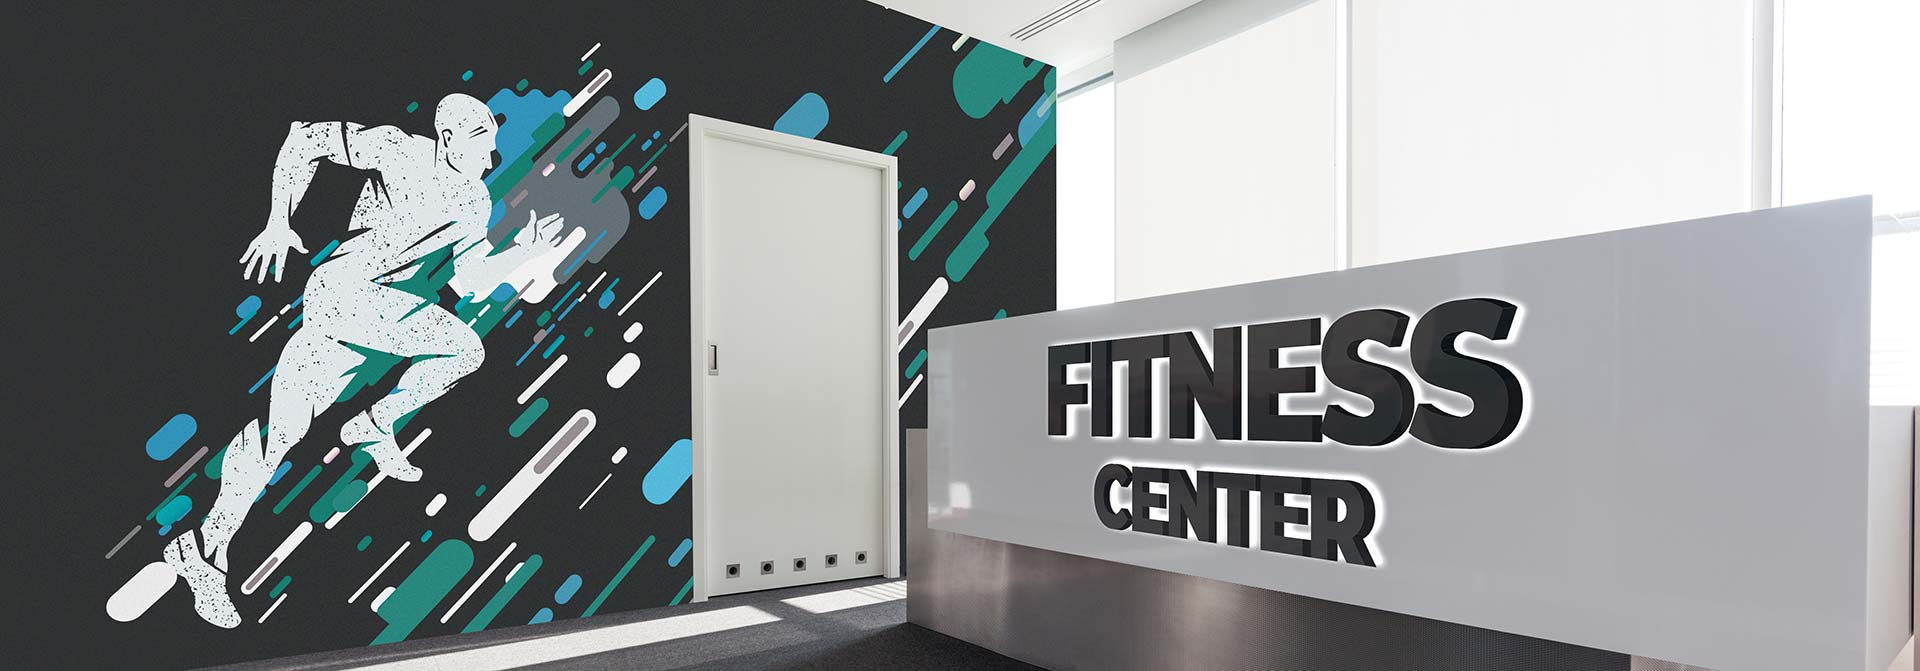 custom gym signs